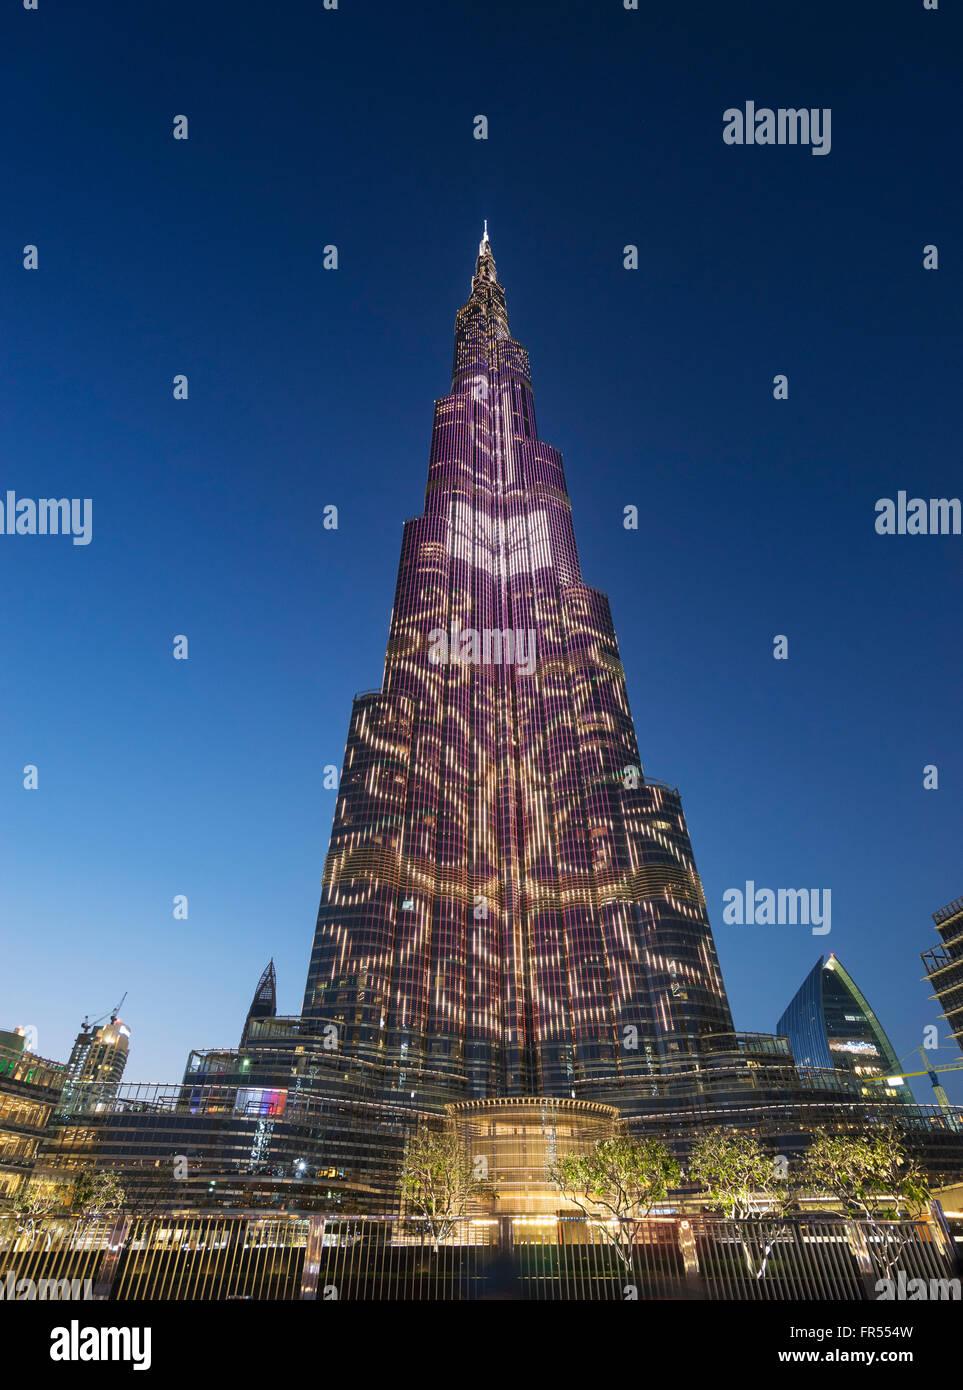 Abenddämmerung Blick auf Burj Khalifa Tower mit LED-Muster an Fassade in Dubai Vereinigte Arabische Emirate Stockbild